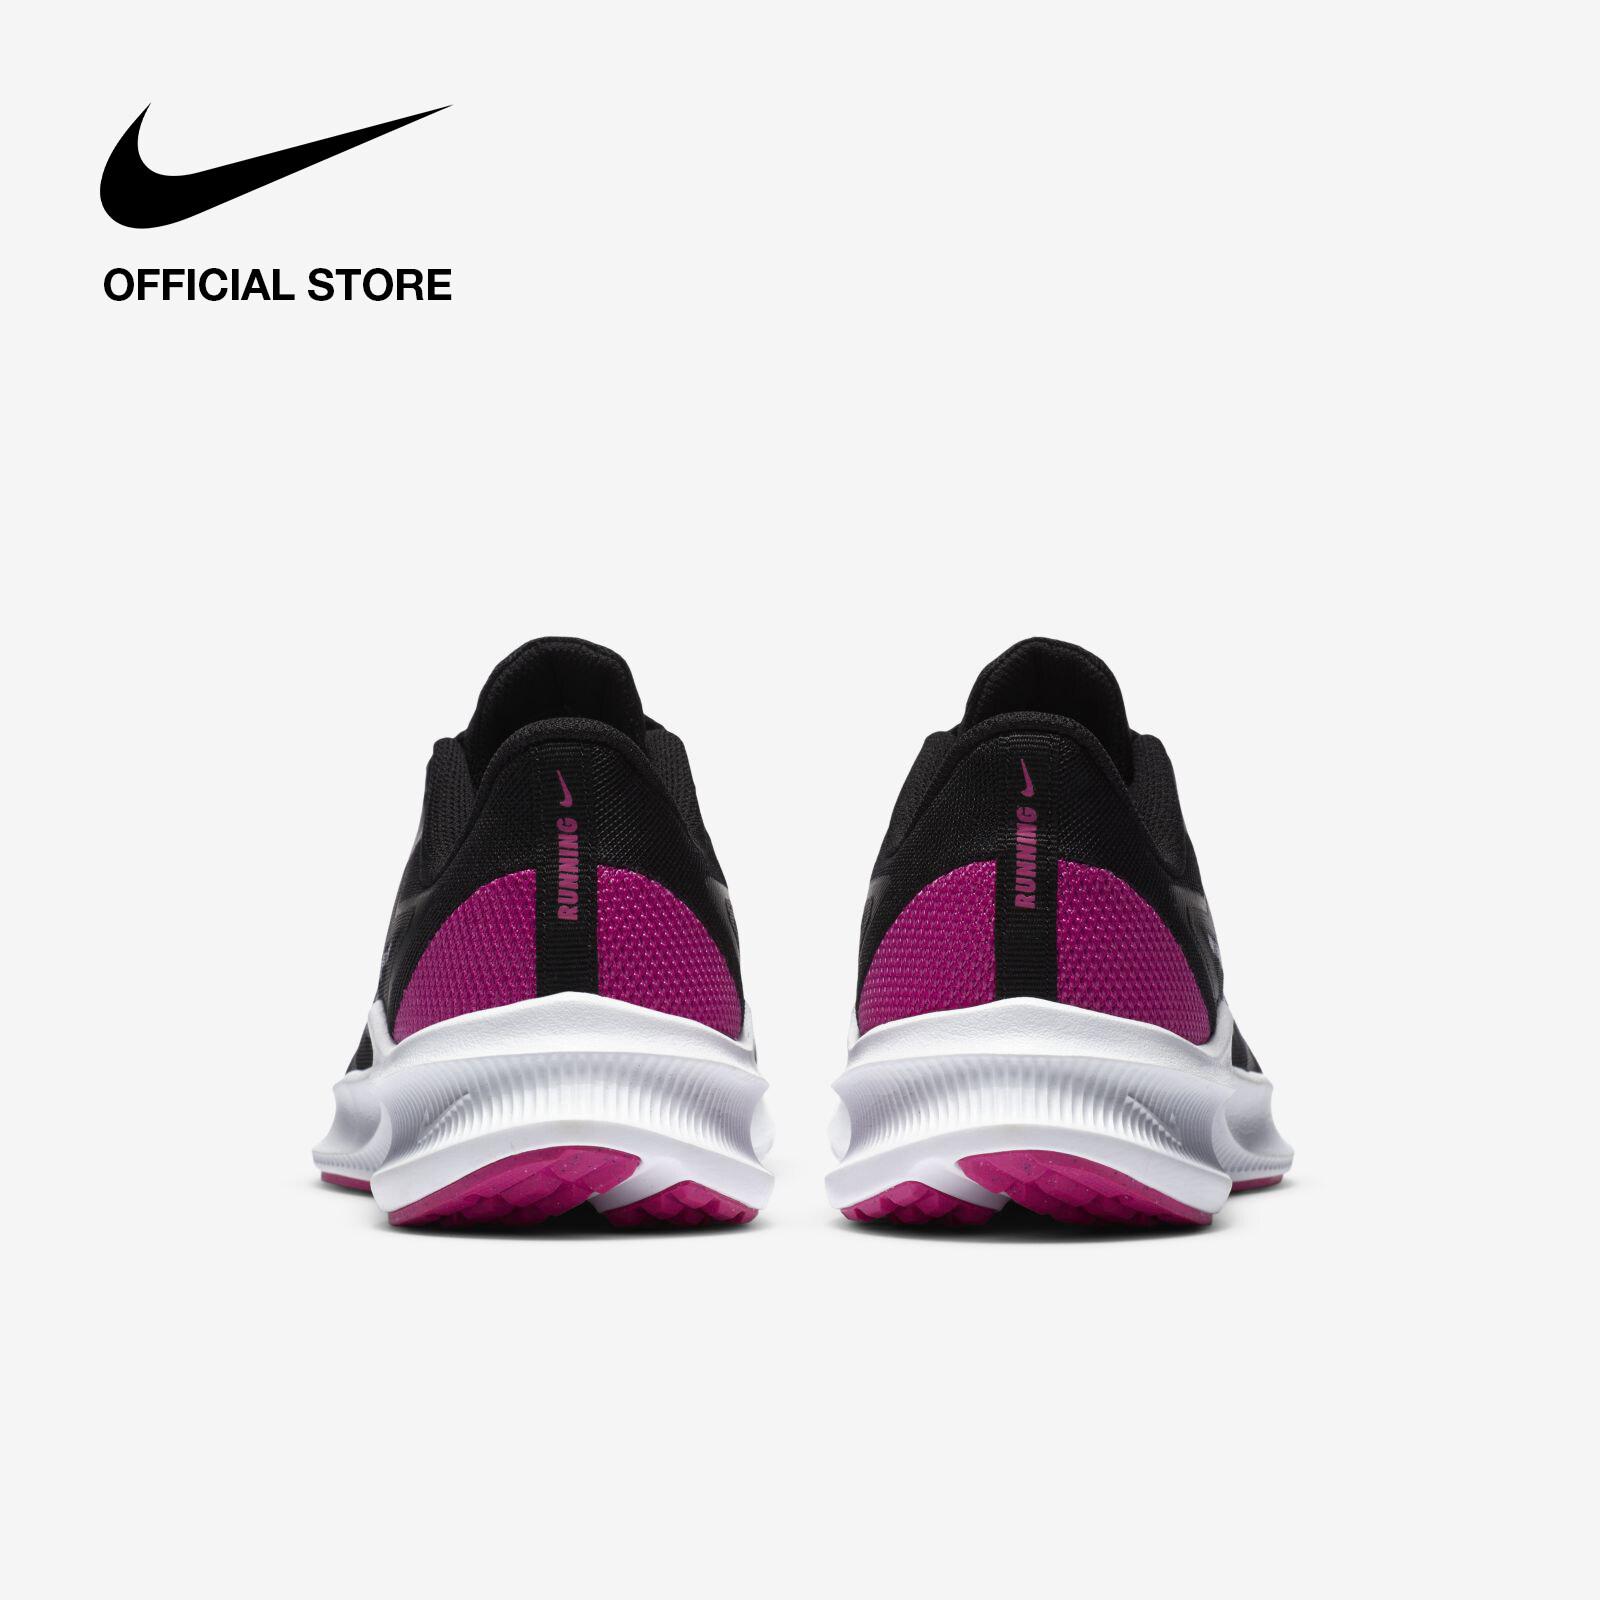 Nike Women's Downshifter 10 Running Shoes - Black